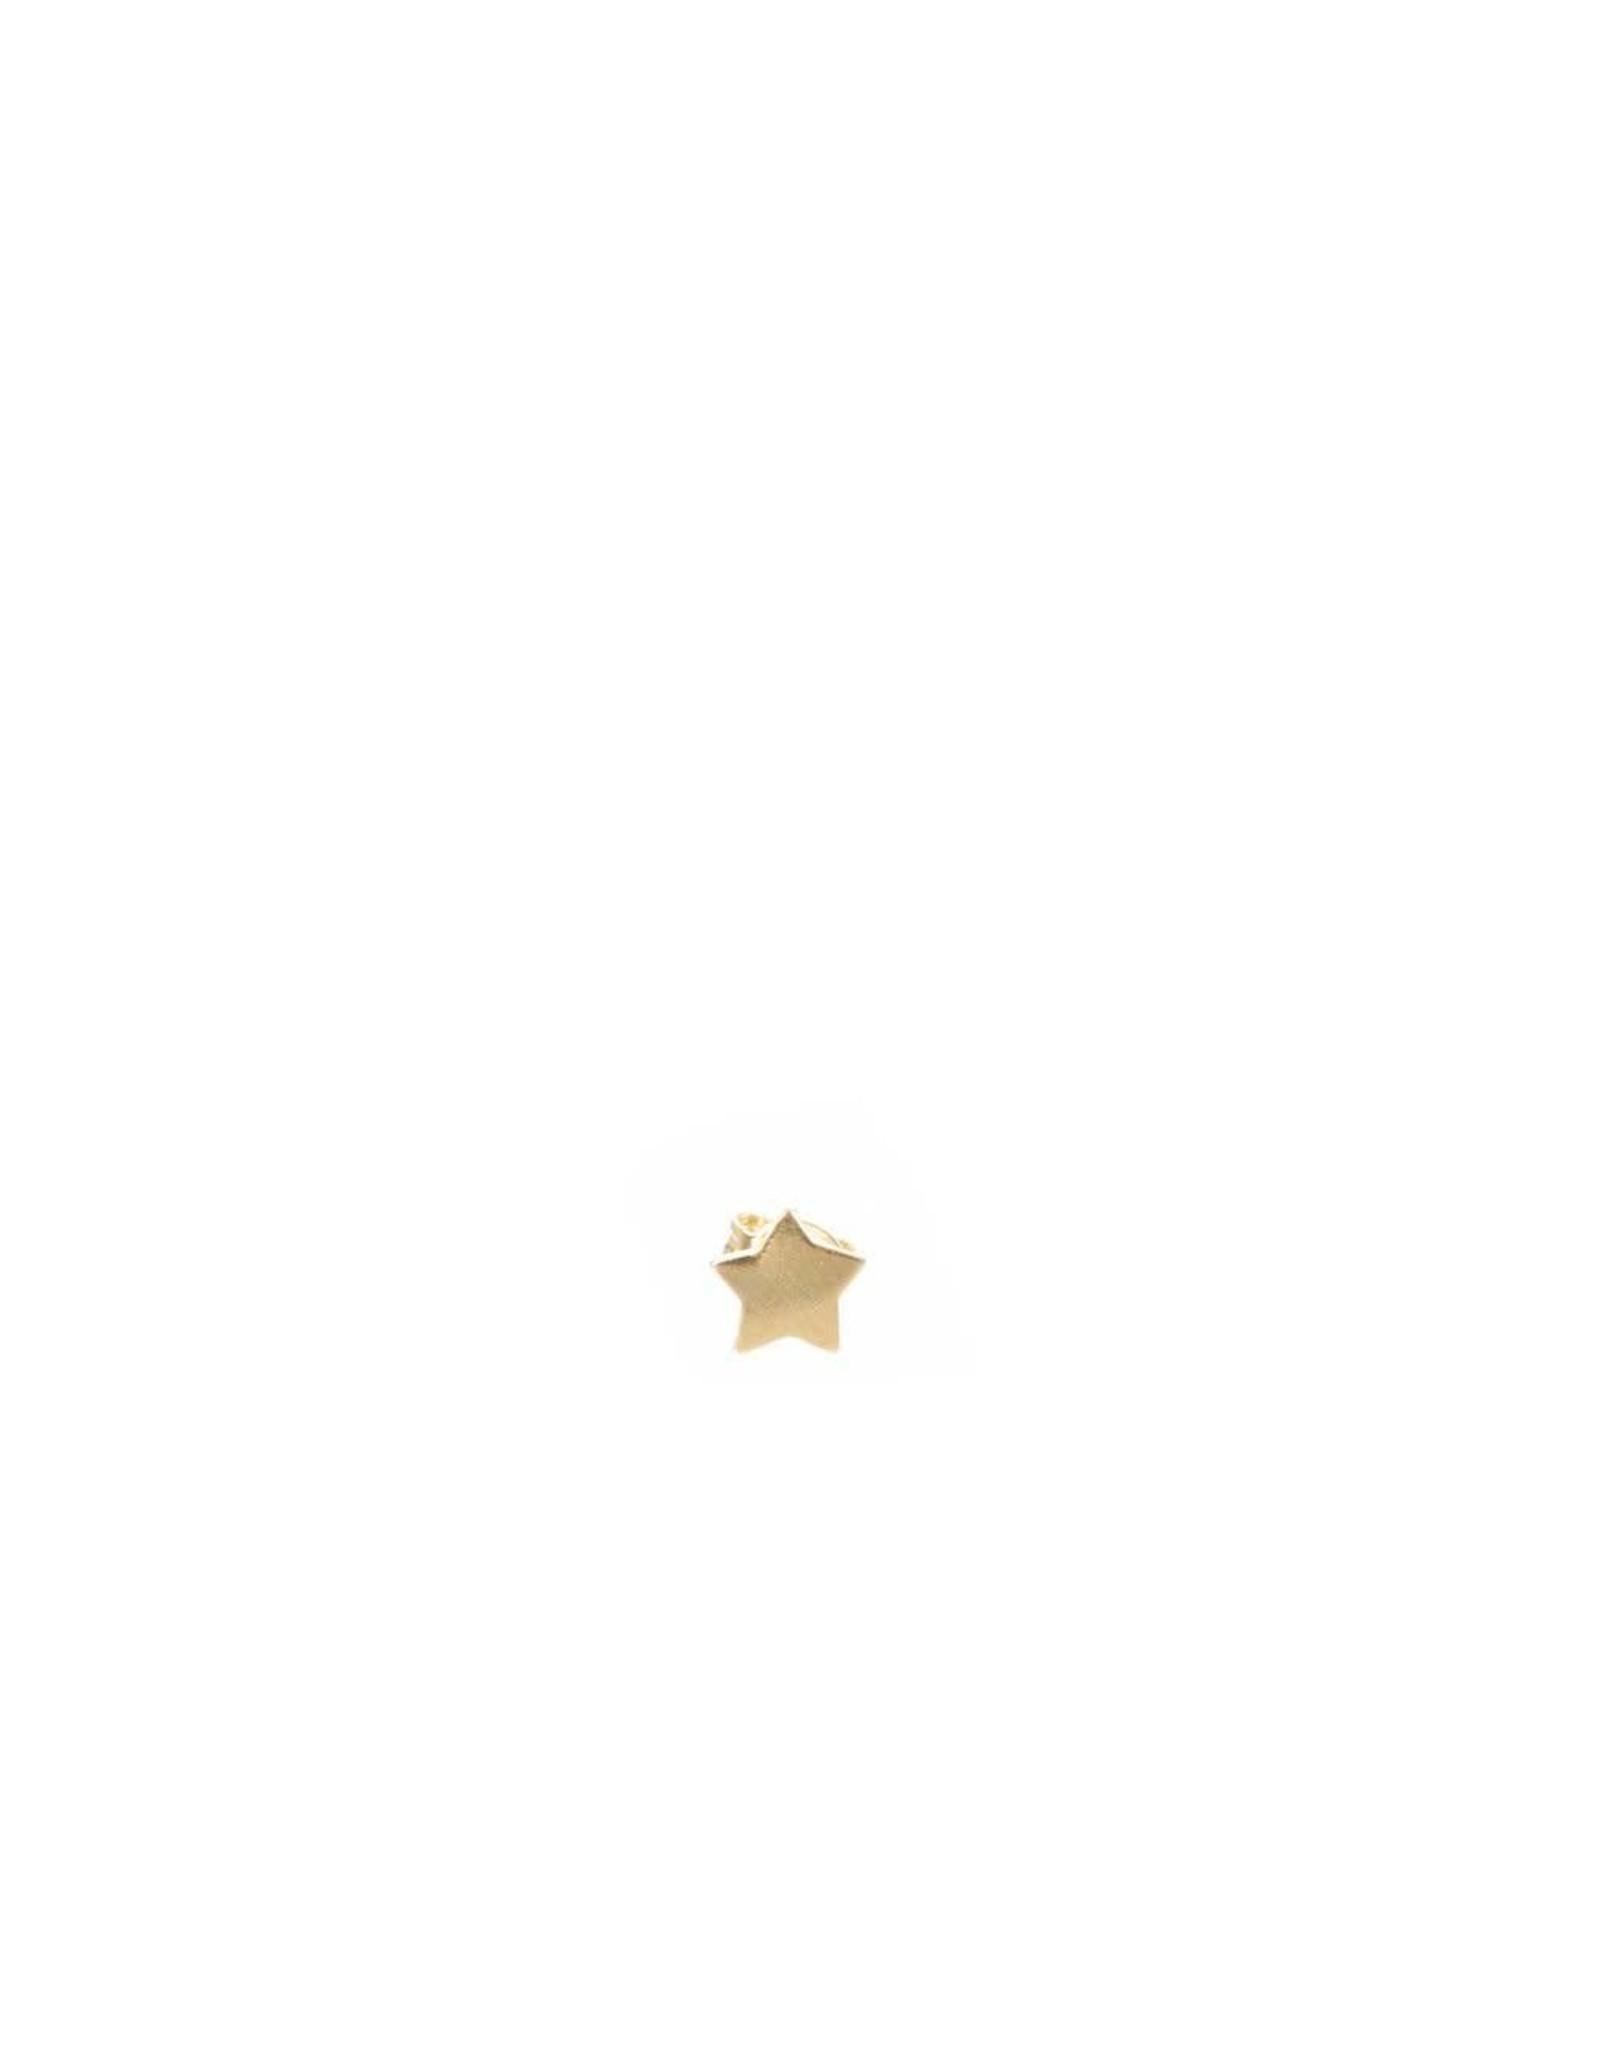 EARRING JOLIE STAR